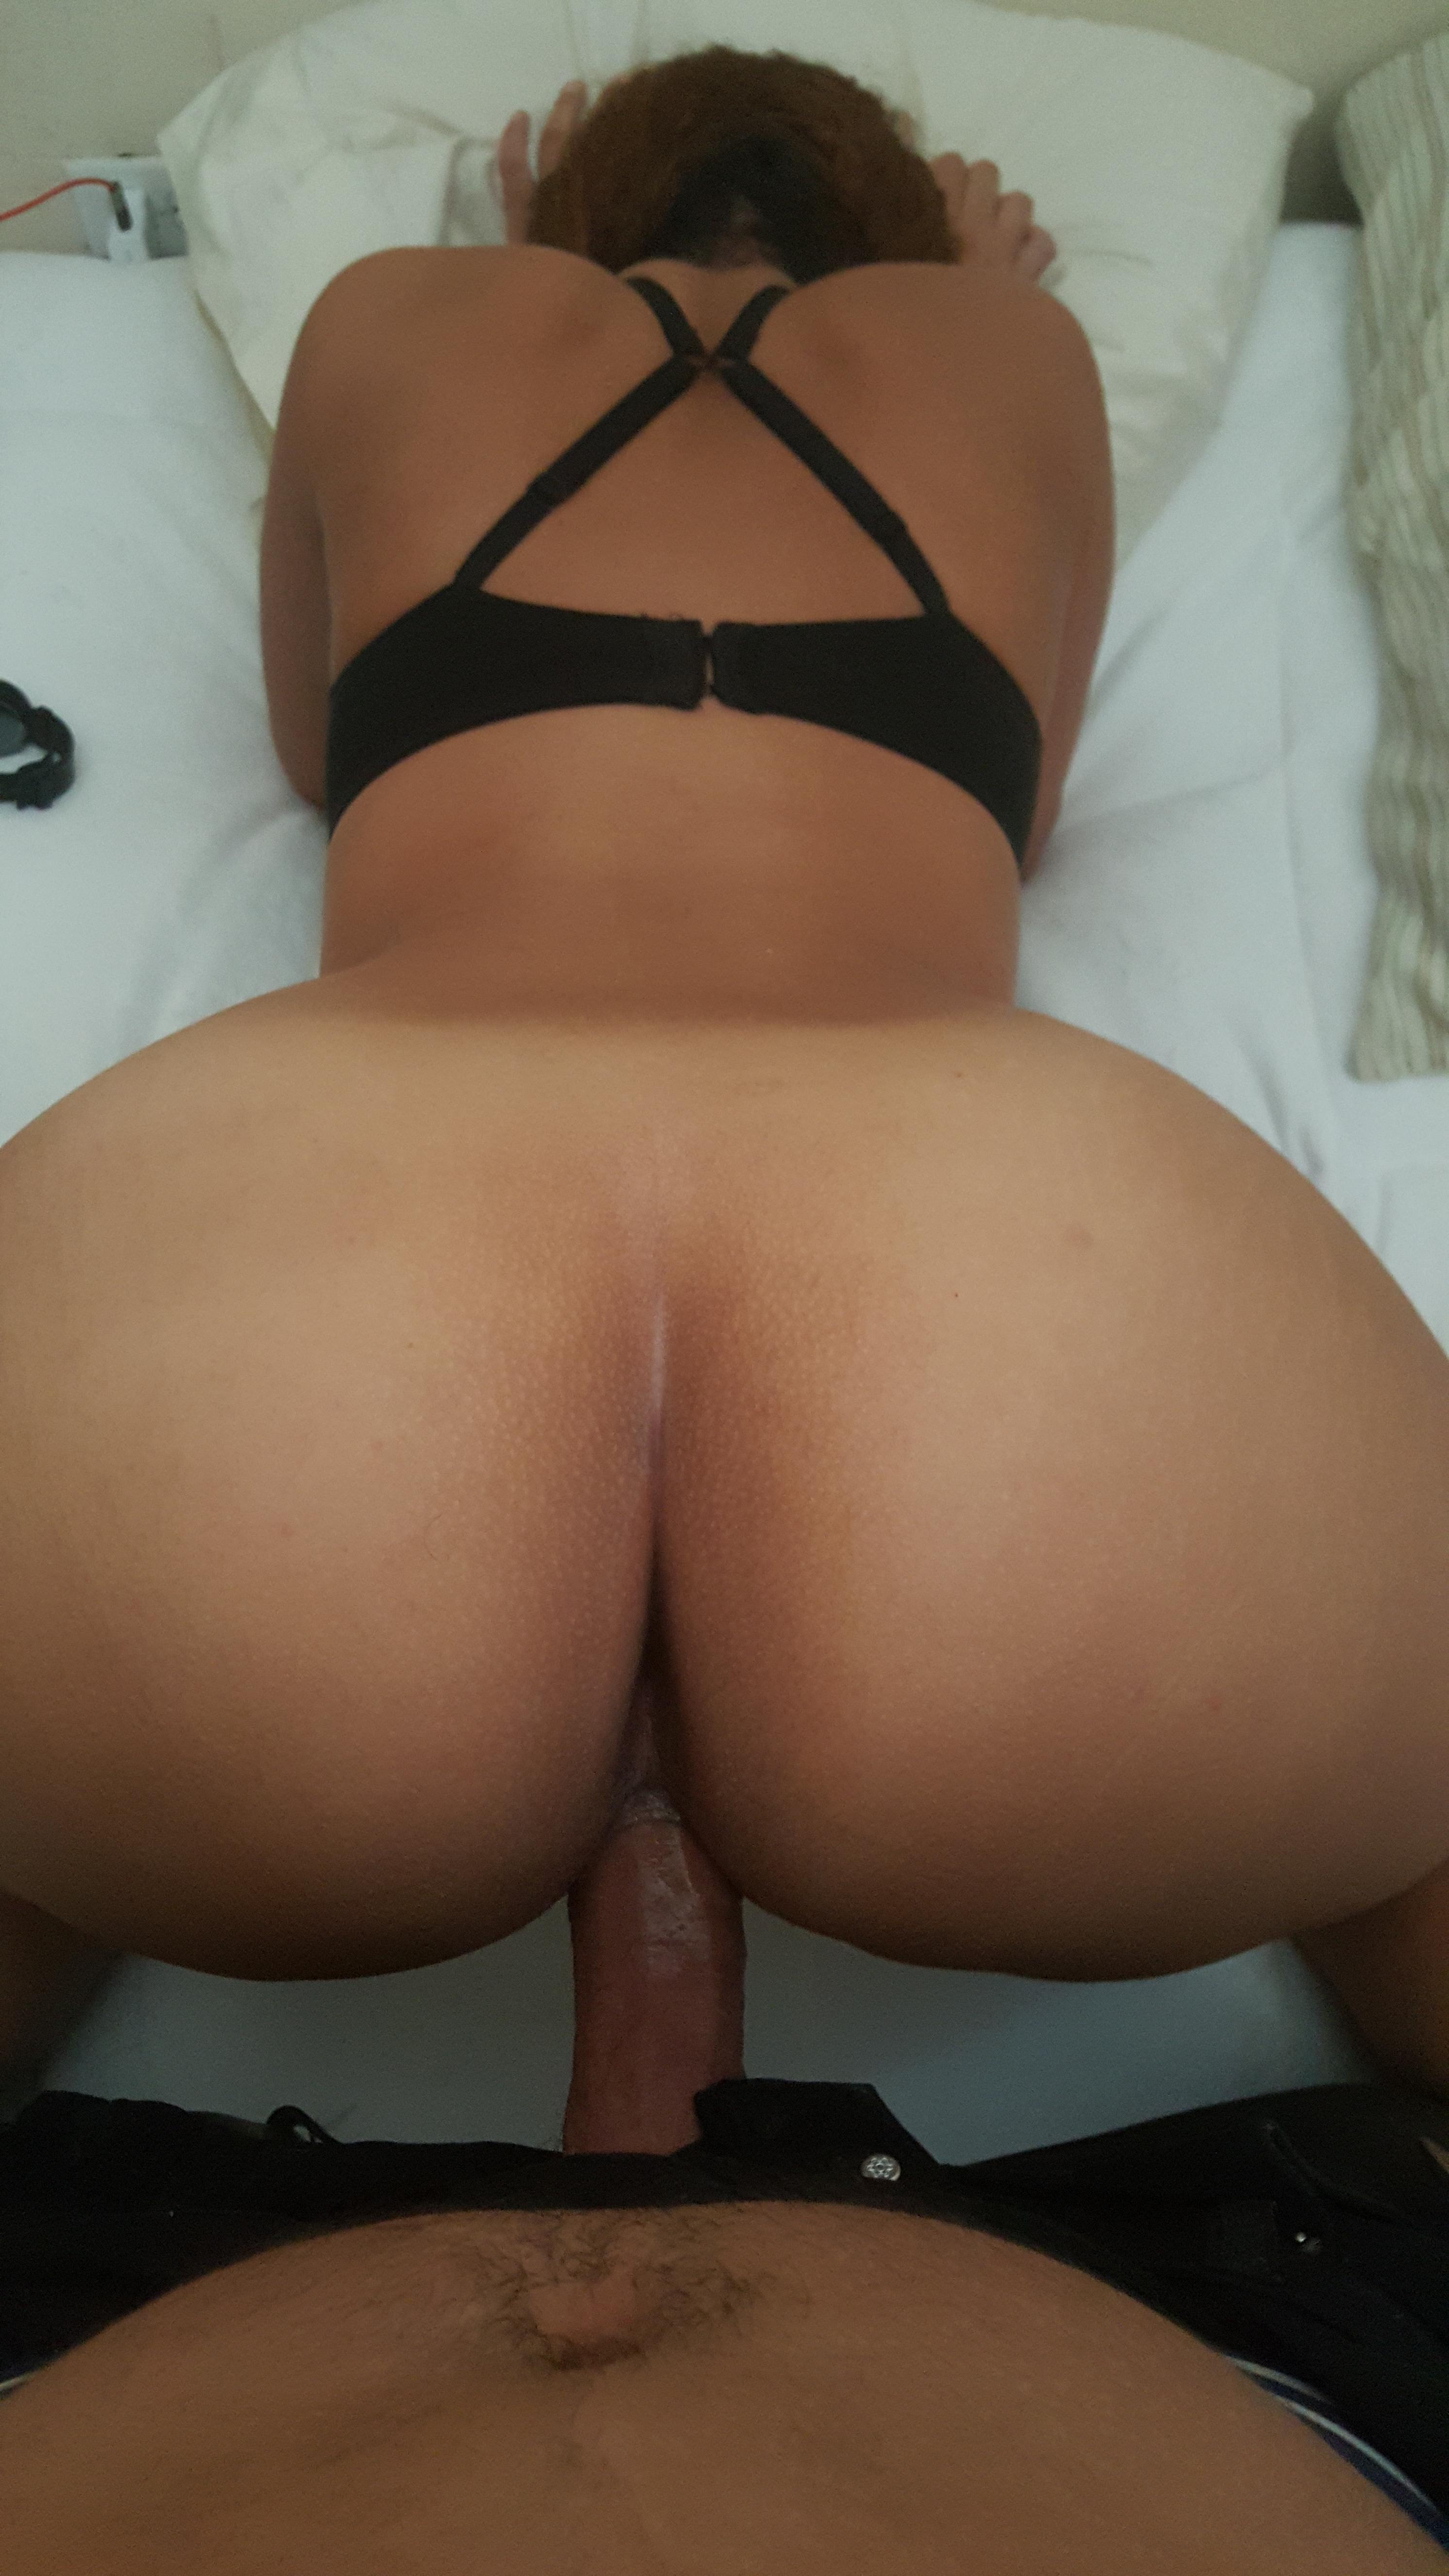 Pictures of chelsea handler nude